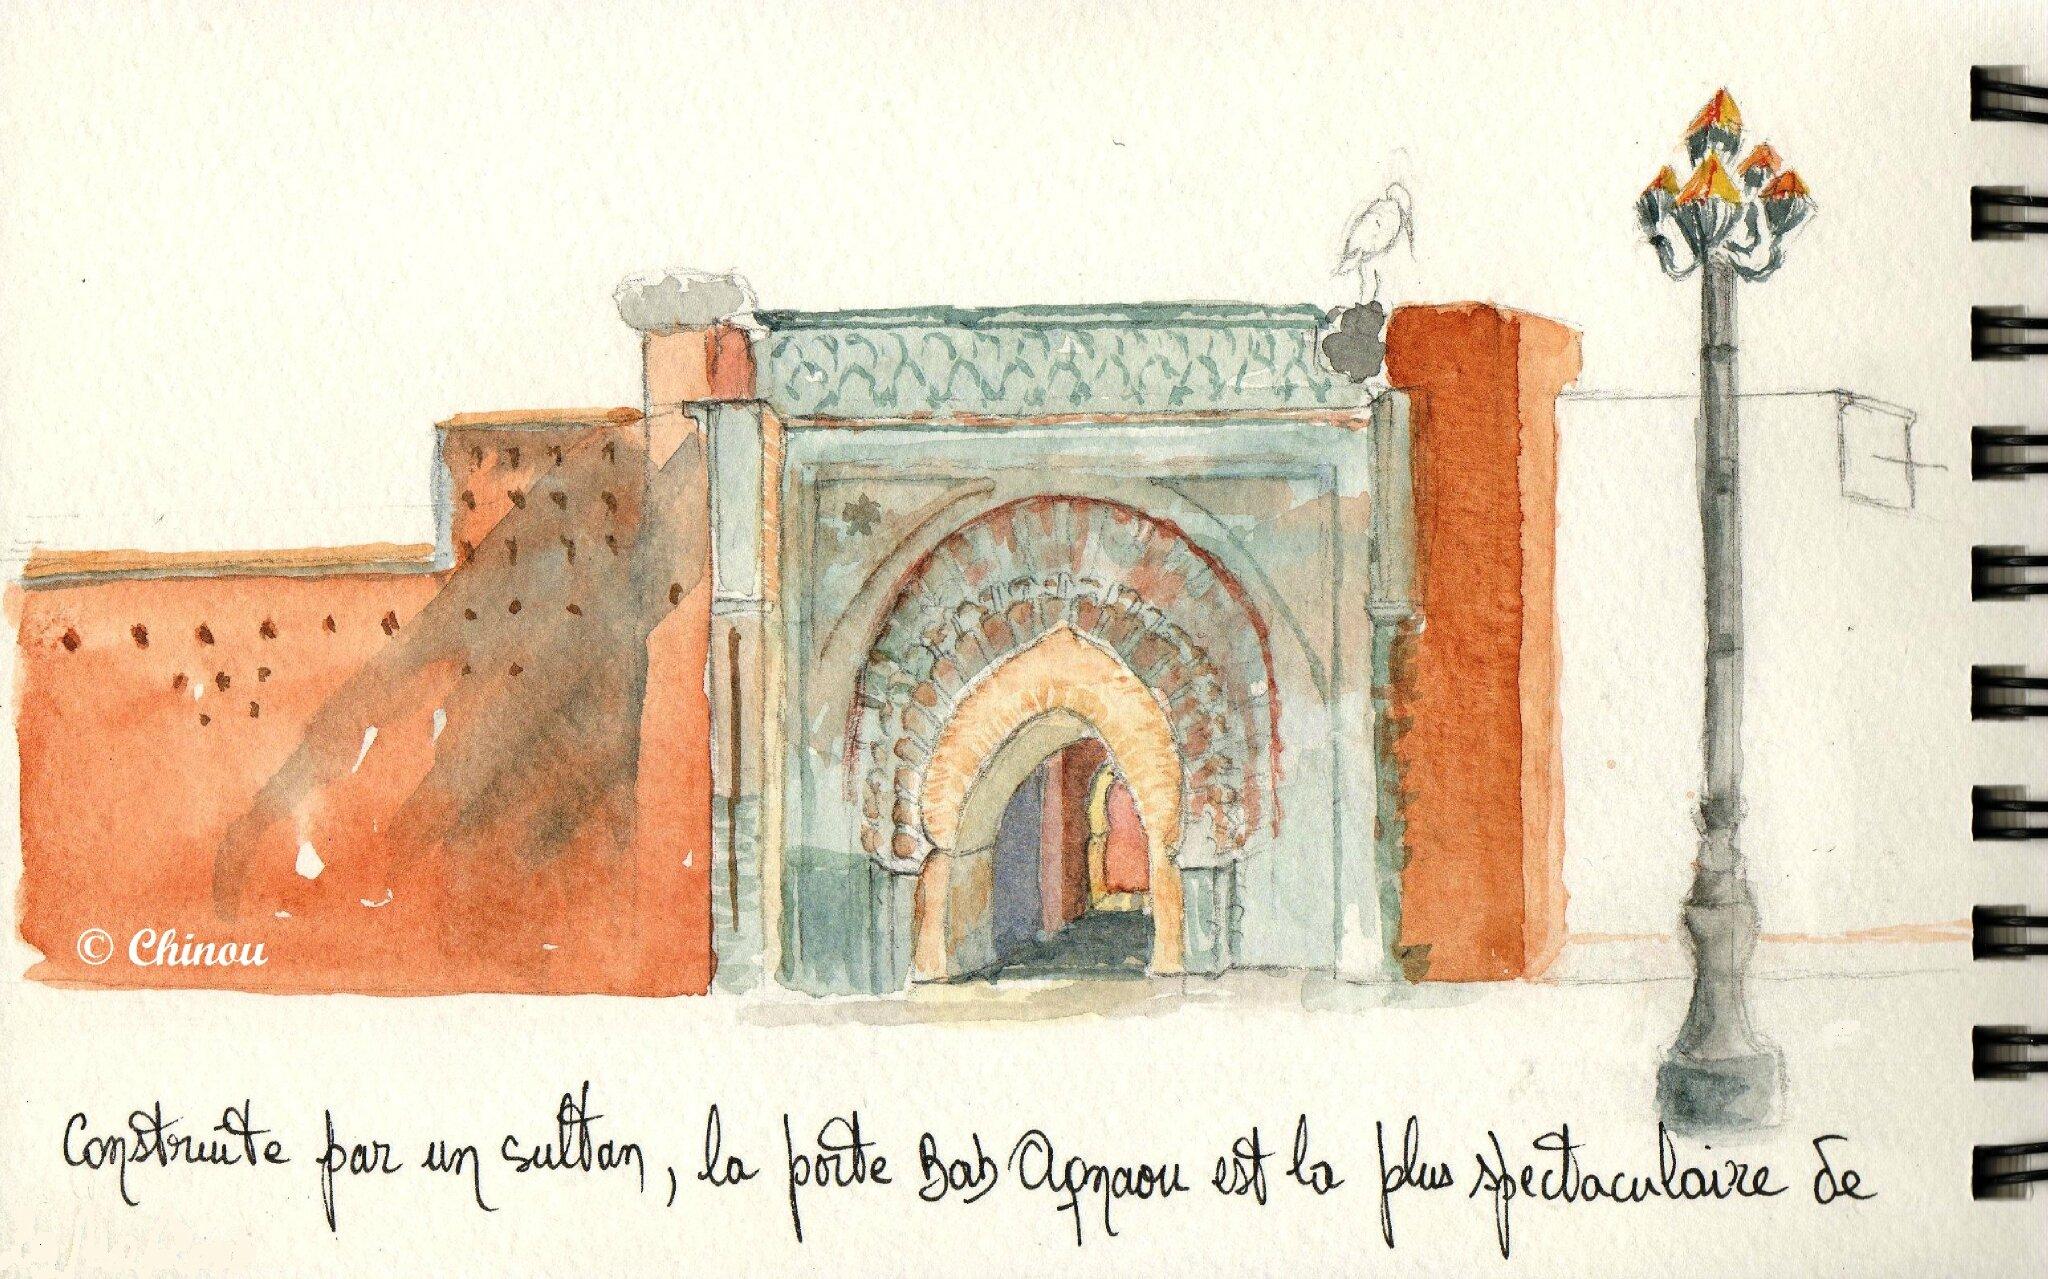 Porte Bab Agnaou